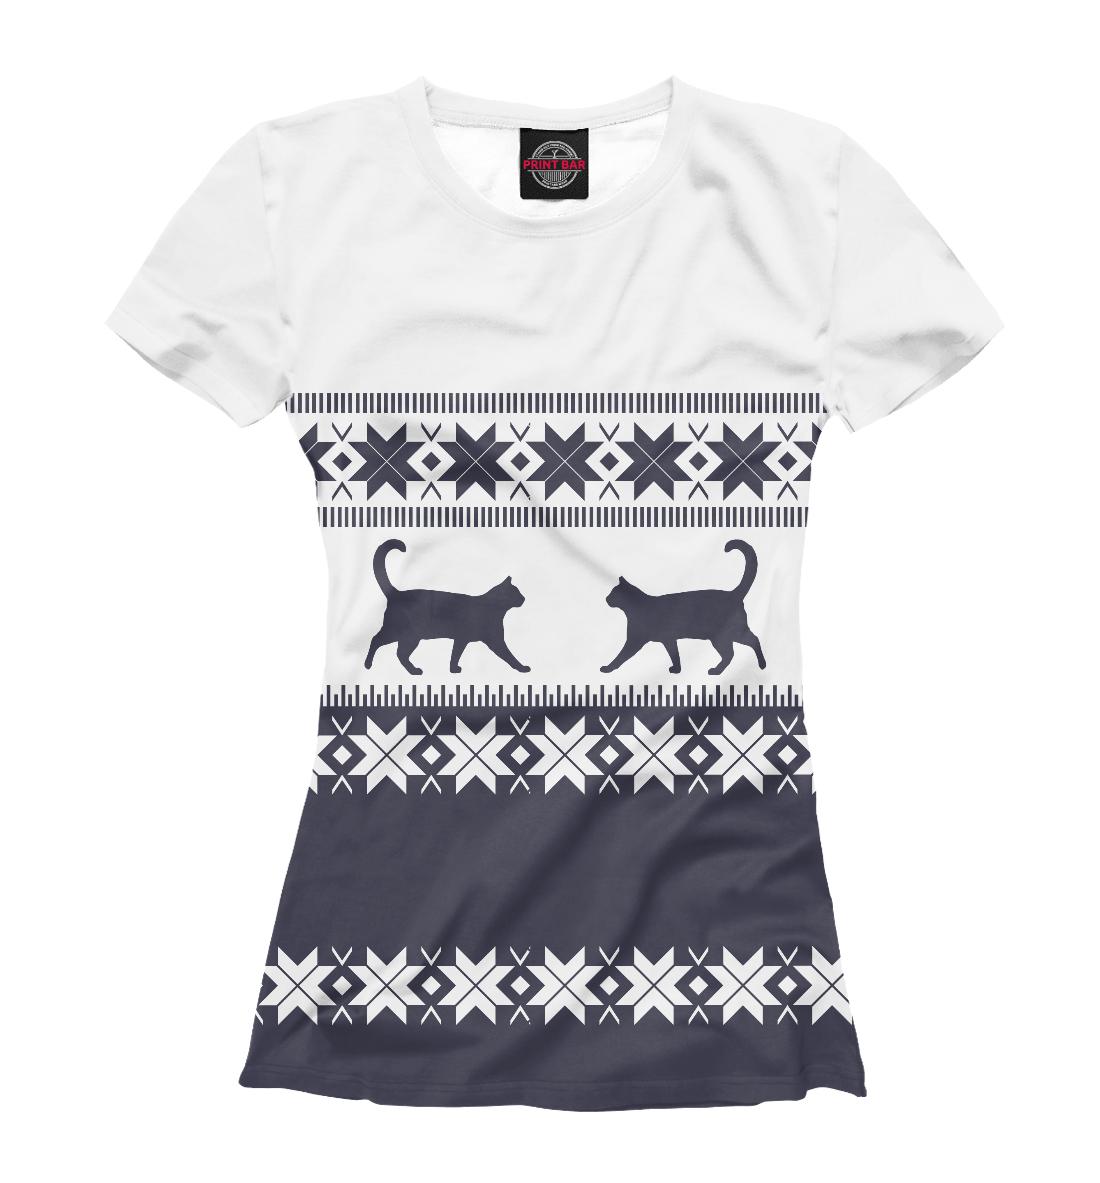 Купить Зимний свитер с котиками, Printbar, Футболки, CAT-235588-fut-1